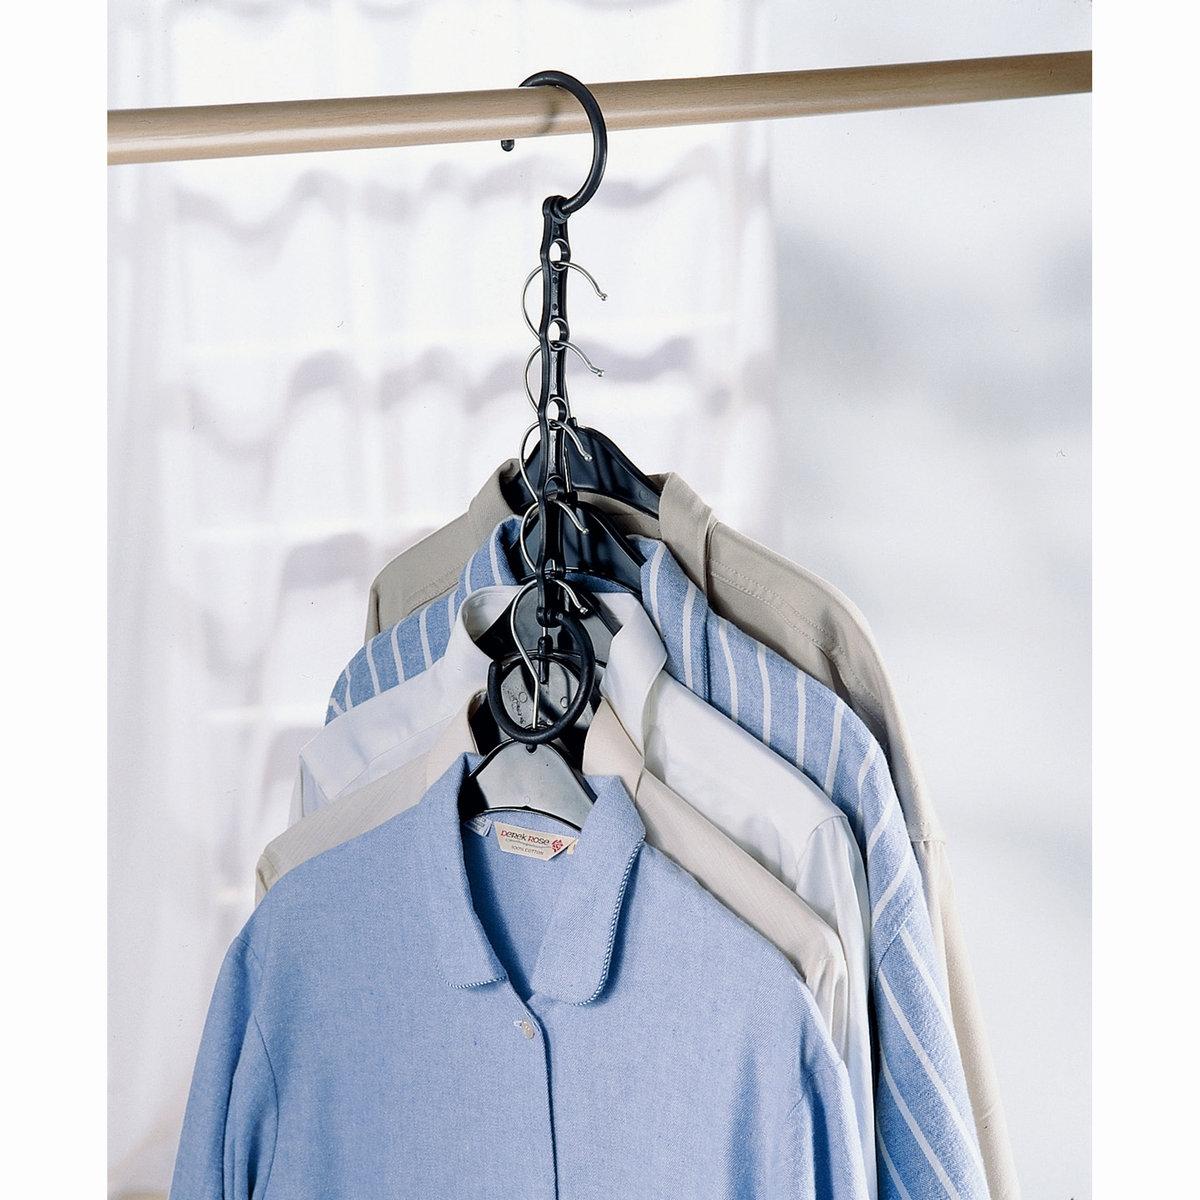 4 вешалки  Ar?glo, для экономии места, для галстуков/брюк/рубашек/ремнейПрекрасное решение для максимальной экономии места в шкафу!Характеристики вешалок для экономии места, Ar?glo:Из пластика ABSВешалка для рубашек: для 5 плечиков с рубашками.Вешалка для брюк: для 5 брюкВешалка для галстуков: для 24 галстуковВешалка для ремней: 2 кольца для размещения большого количества ремней!Можно вешать на перекладину в шкафу .Можно брать с собой в поездки и путешествия.Найдите коллекцию для хранения вещей на нашем сайте laredoute.ru.Вес вешалок, Ar?glo:Вес 0,700 кг.<br><br>Цвет: черный